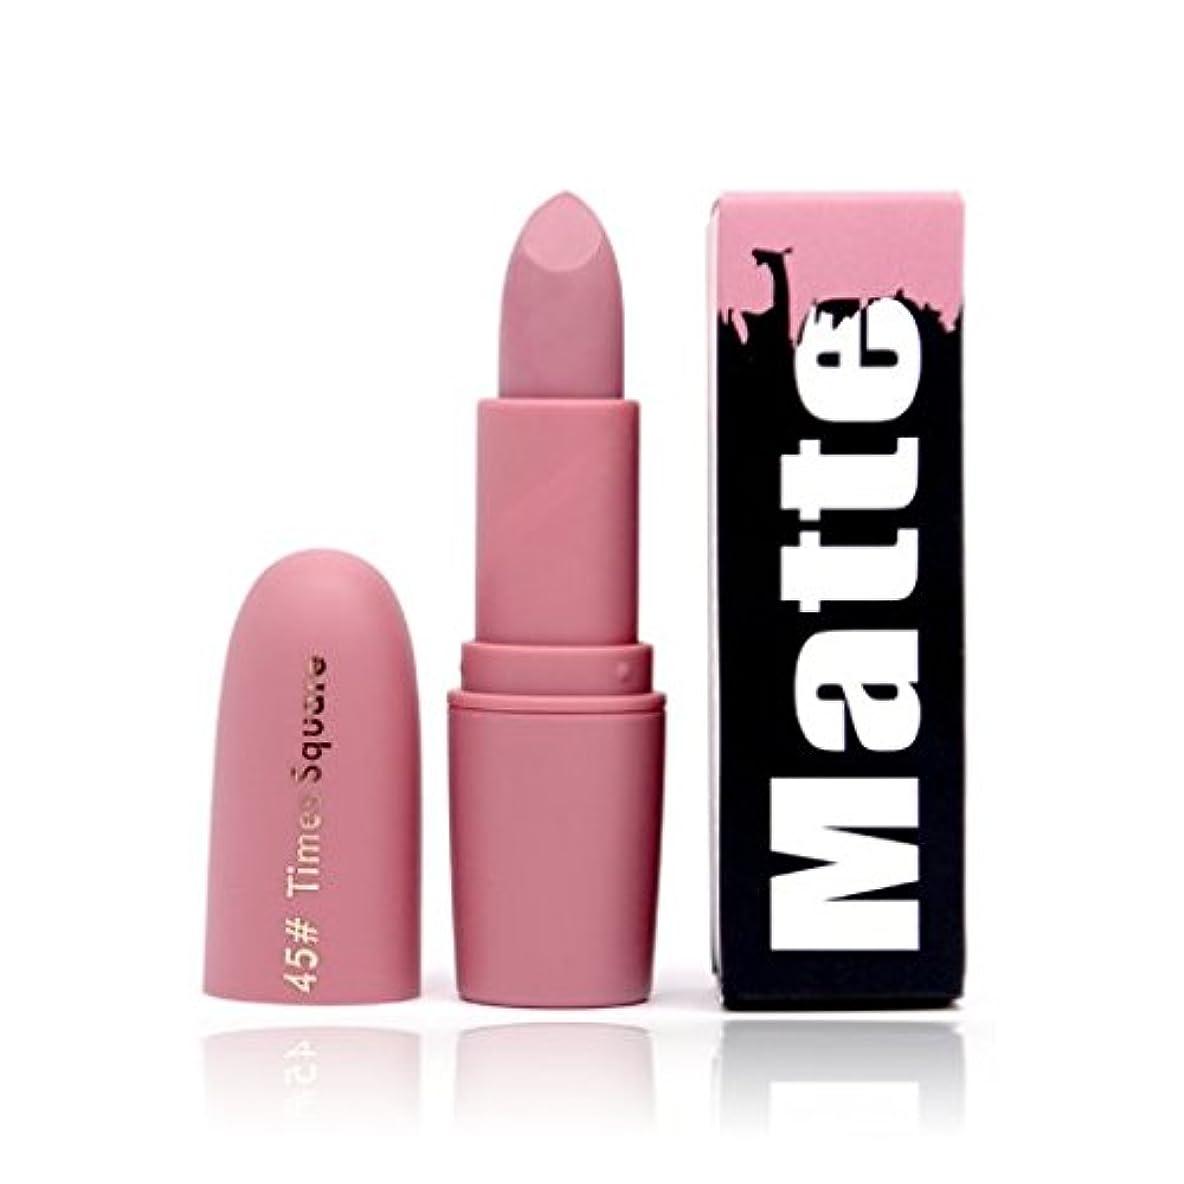 水陸両用雰囲気鬼ごっこBeauty Matte Moisturizing Lipstick Makeup Lipsticks Lip Stick Waterproof Lipgloss Mate Lipsticks Cosmetic